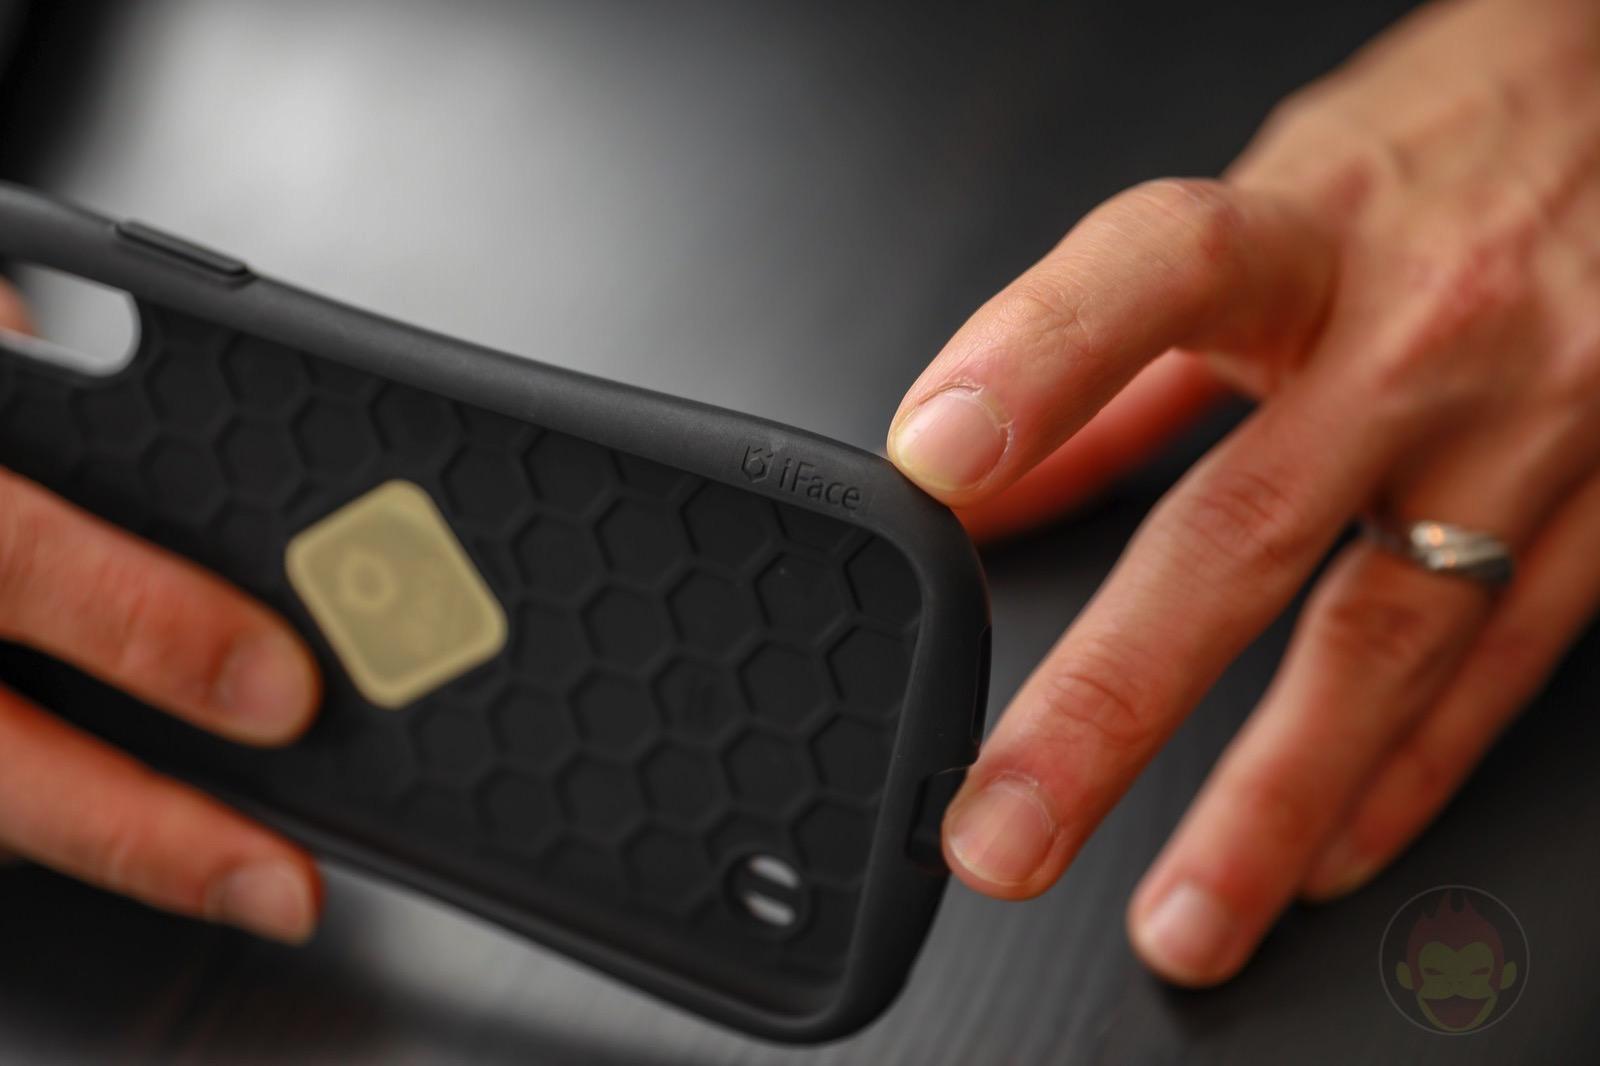 Hamee iFace iPhone Case PR 66